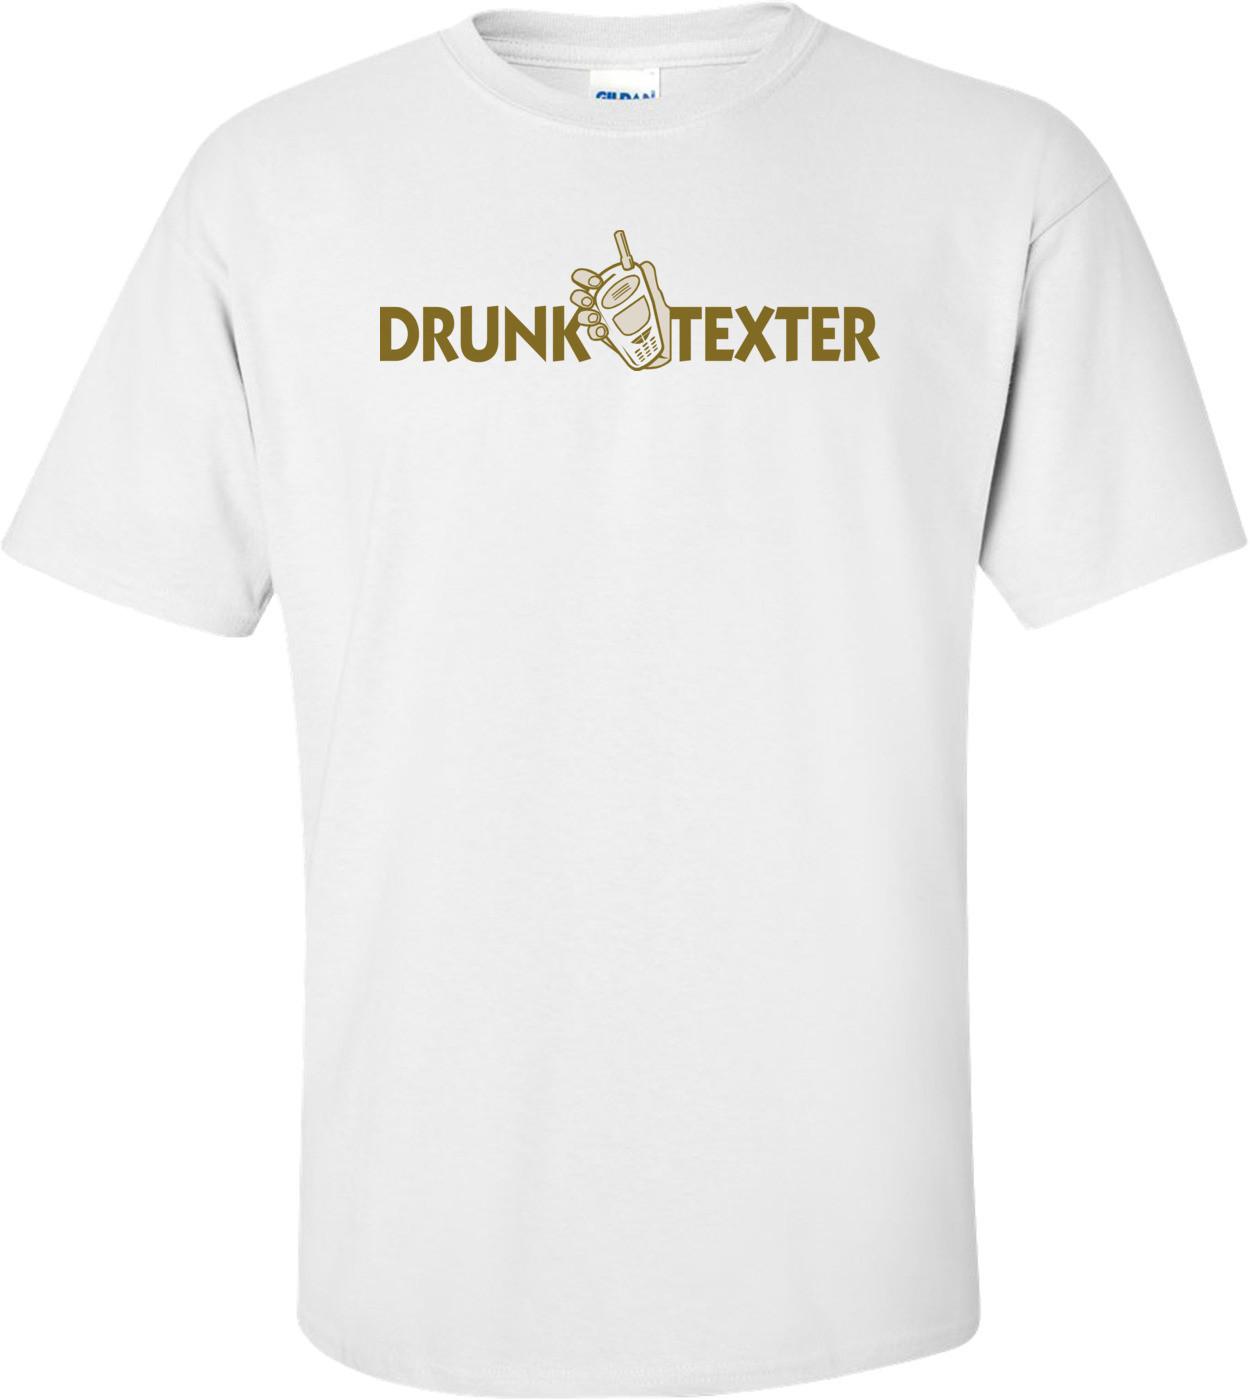 Drunk Texter T-shirt